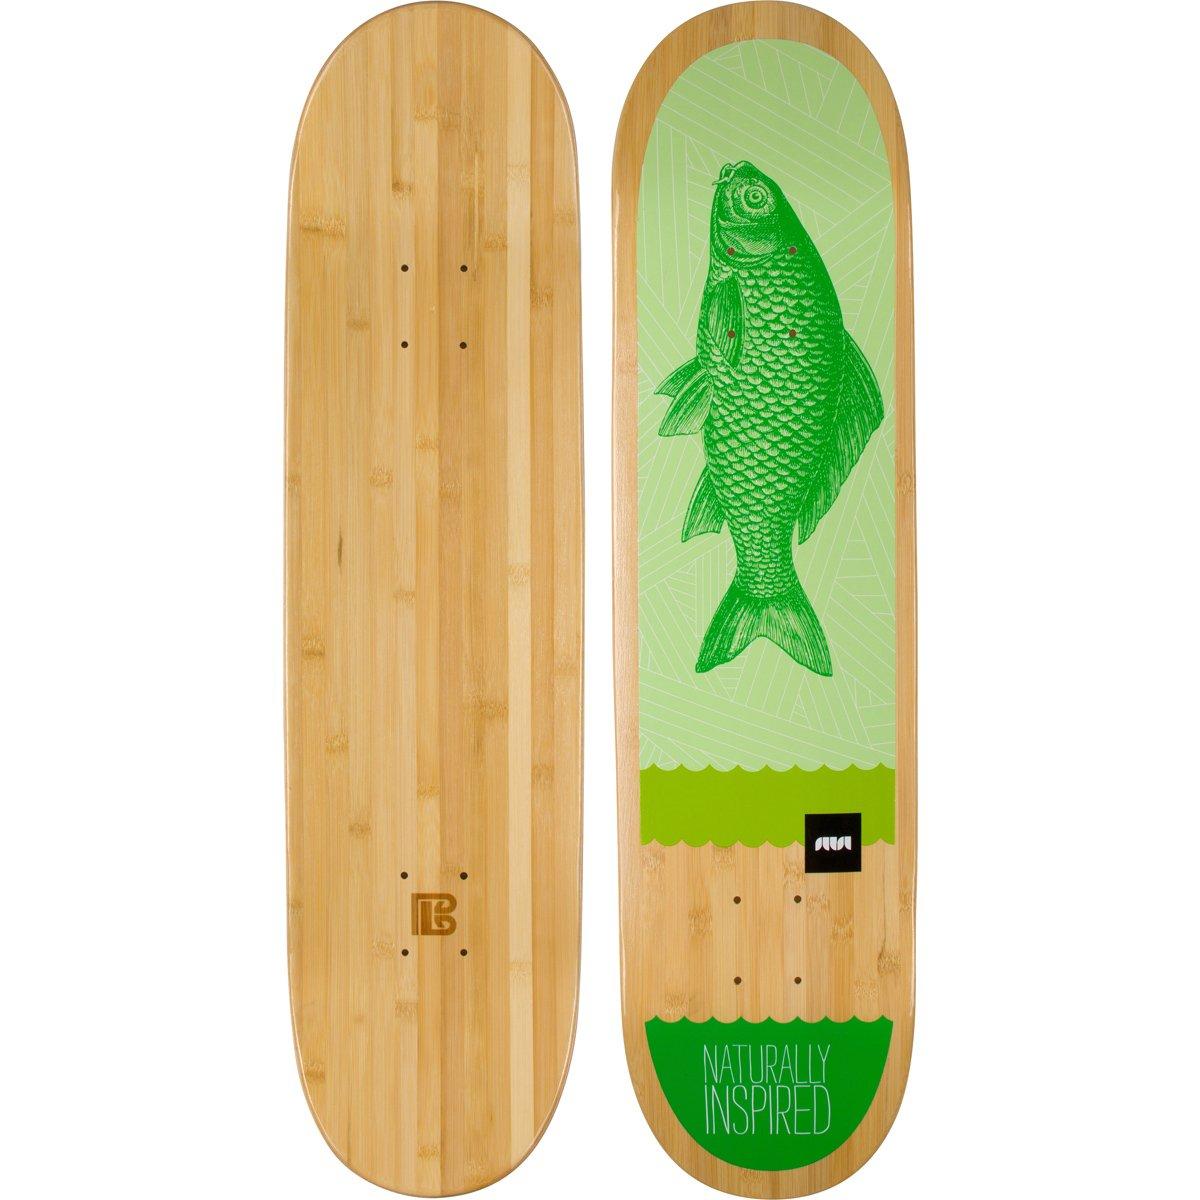 【25%OFF】 バンブー スケートボード 8.25